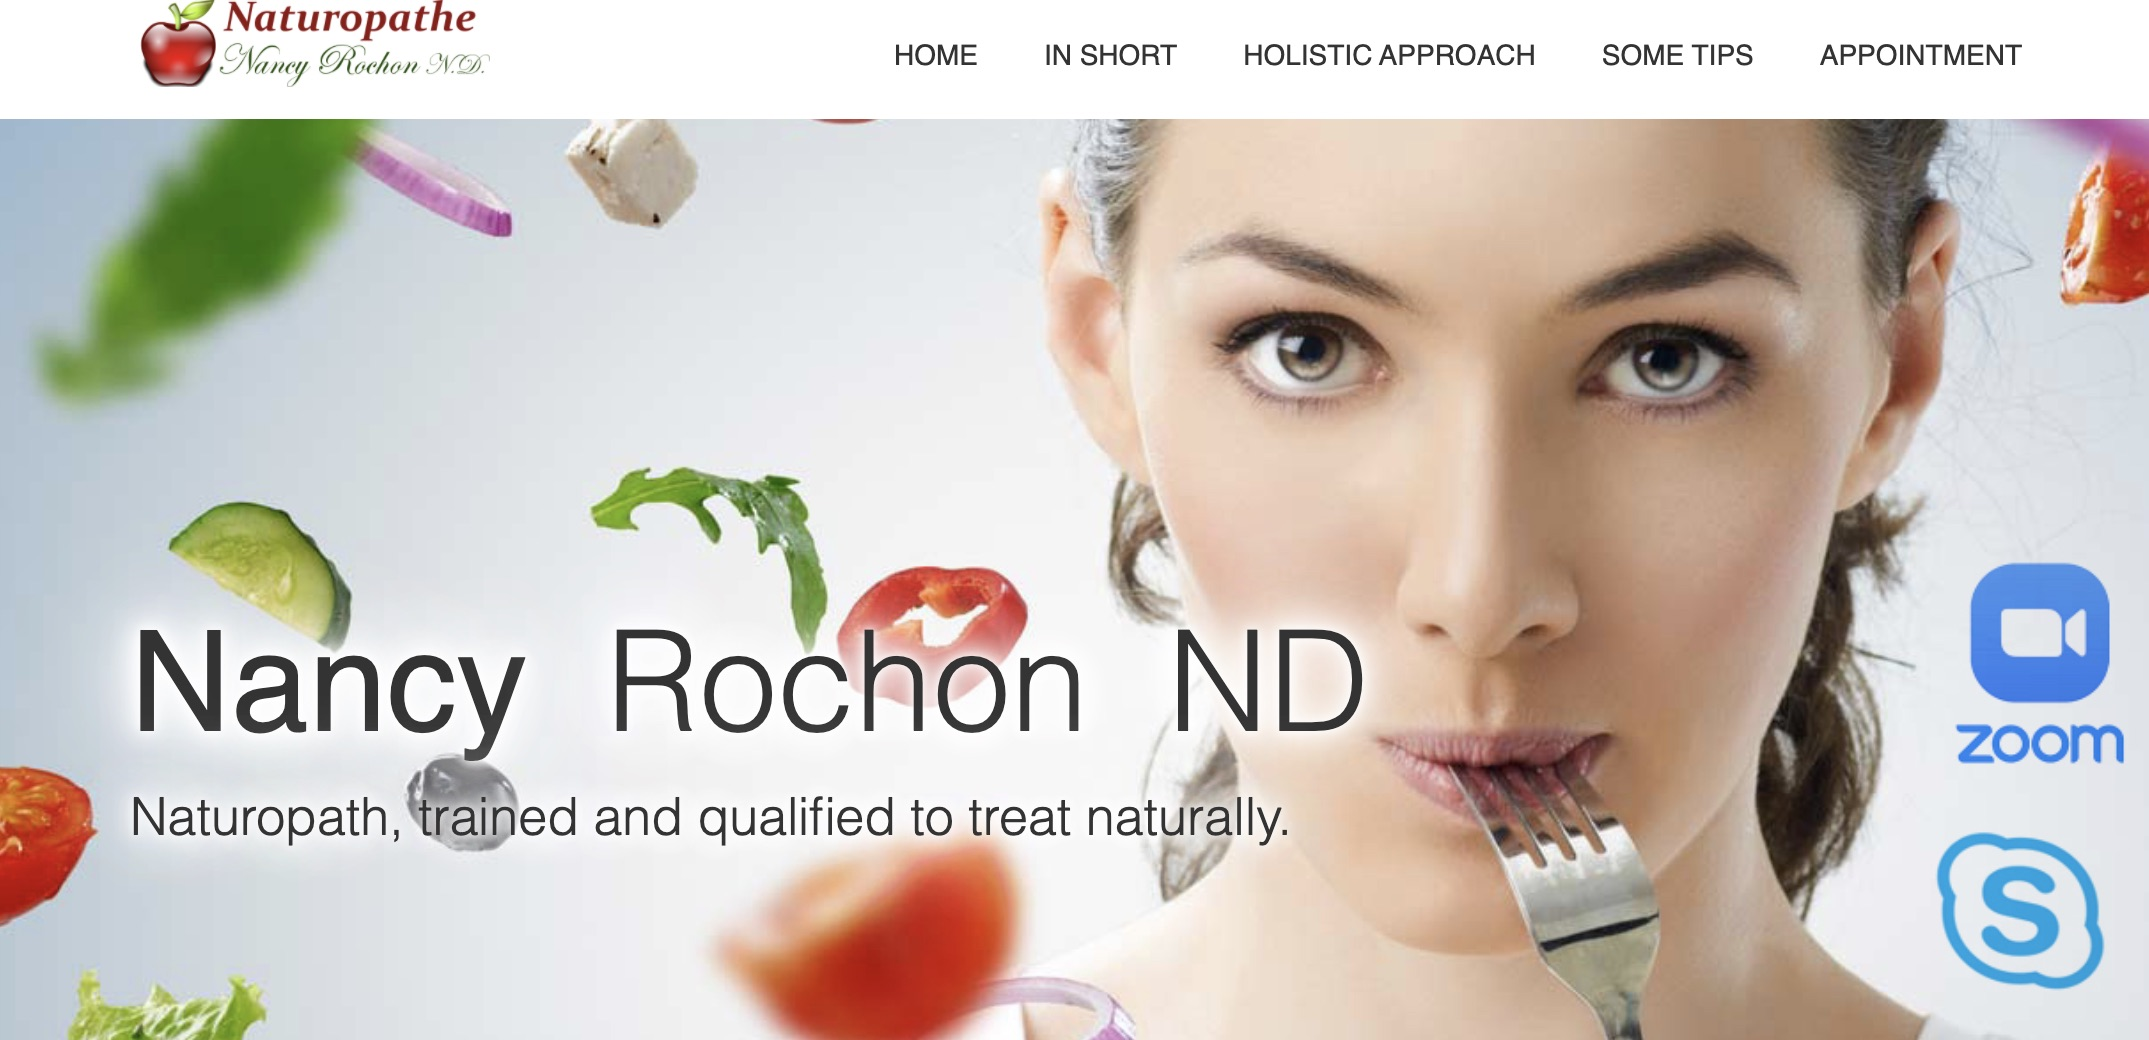 Nancy Rochon N.D. Naturopathe